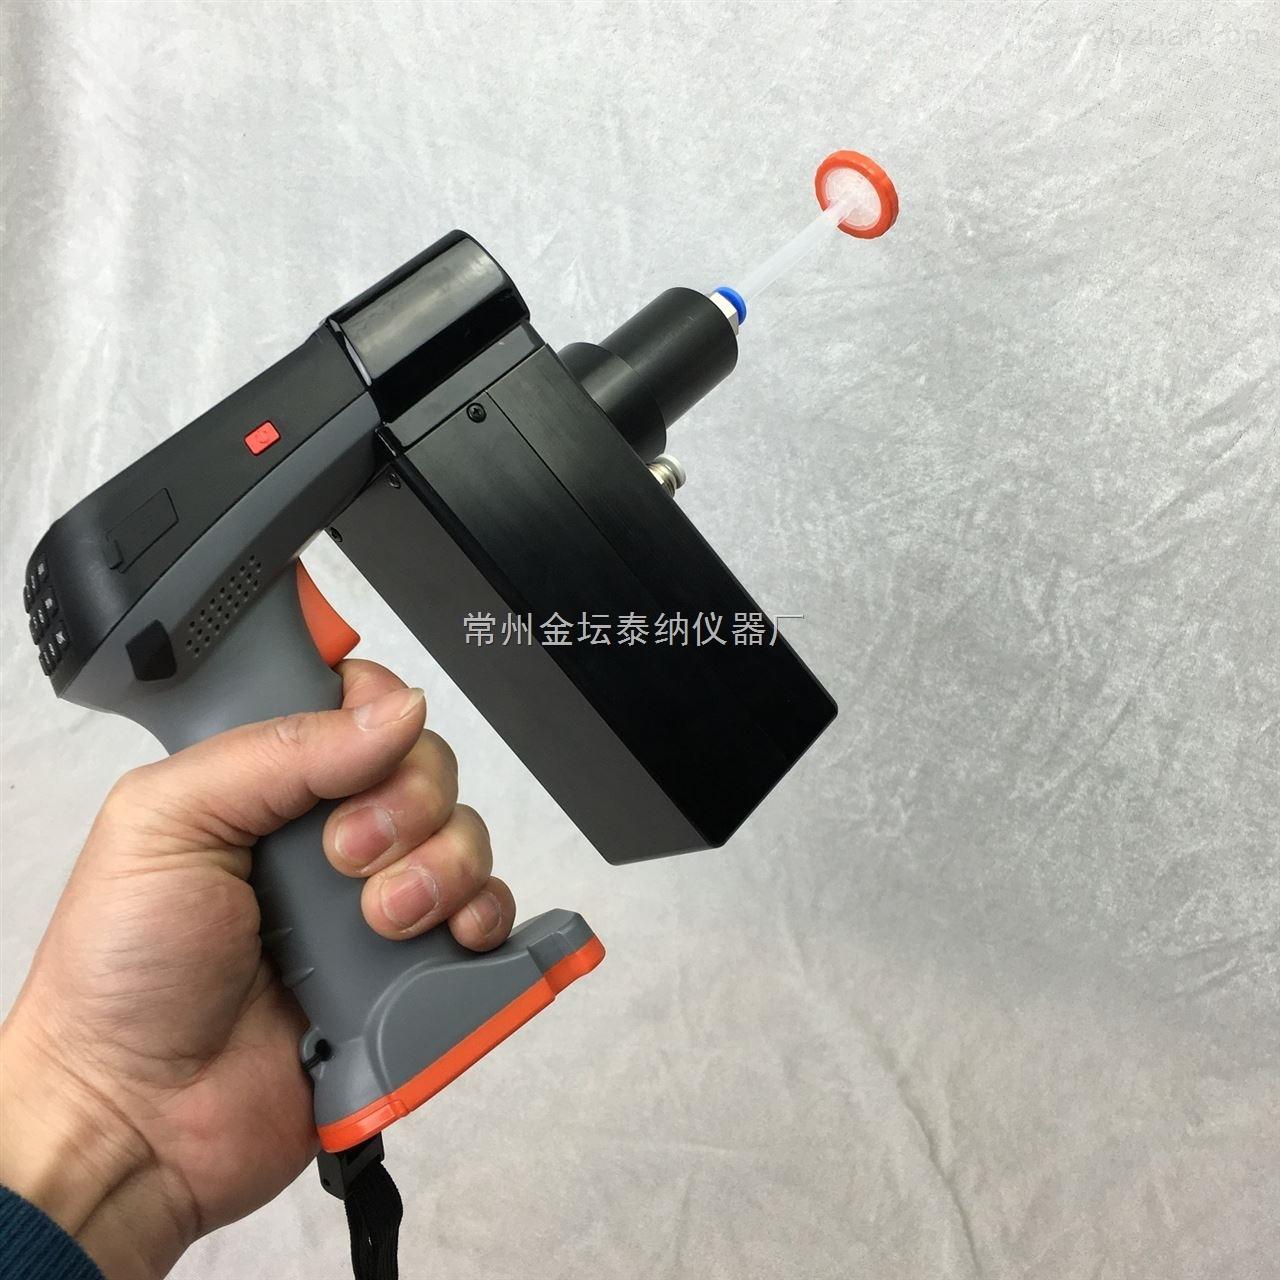 TN800系列-金坛泰纳苯气体检测仪